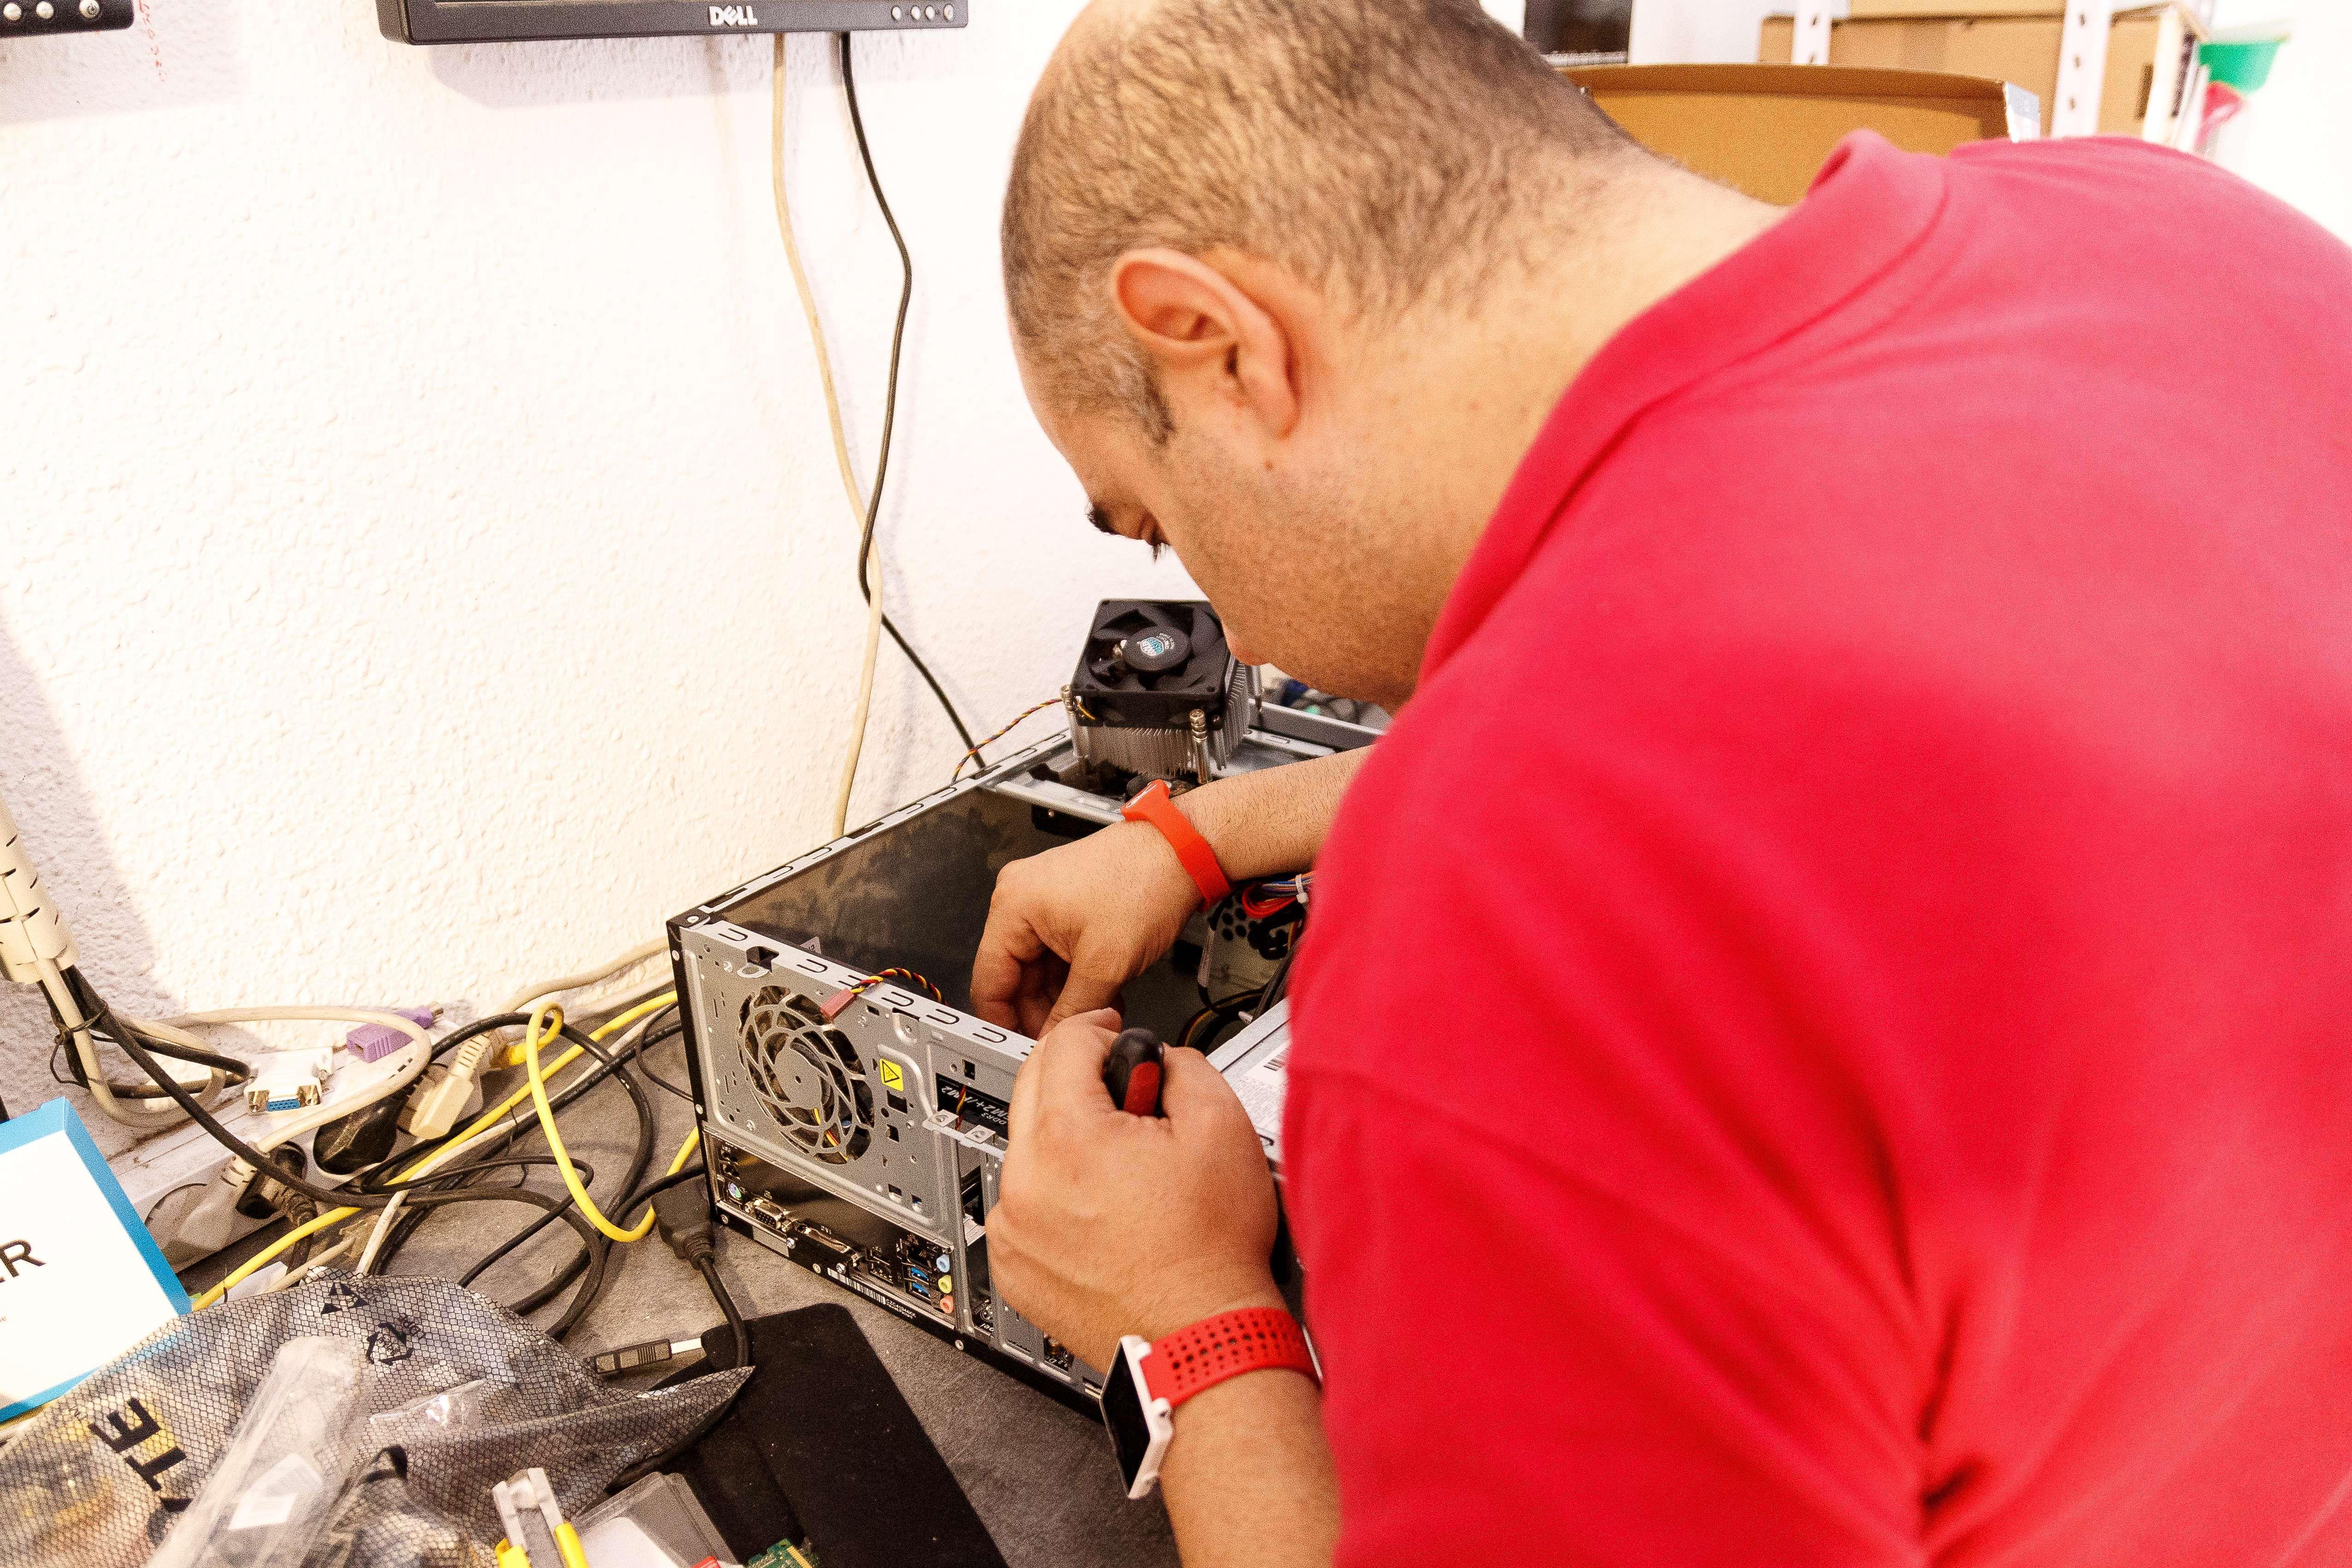 Grandes profesionales en la reparación de ordenadores